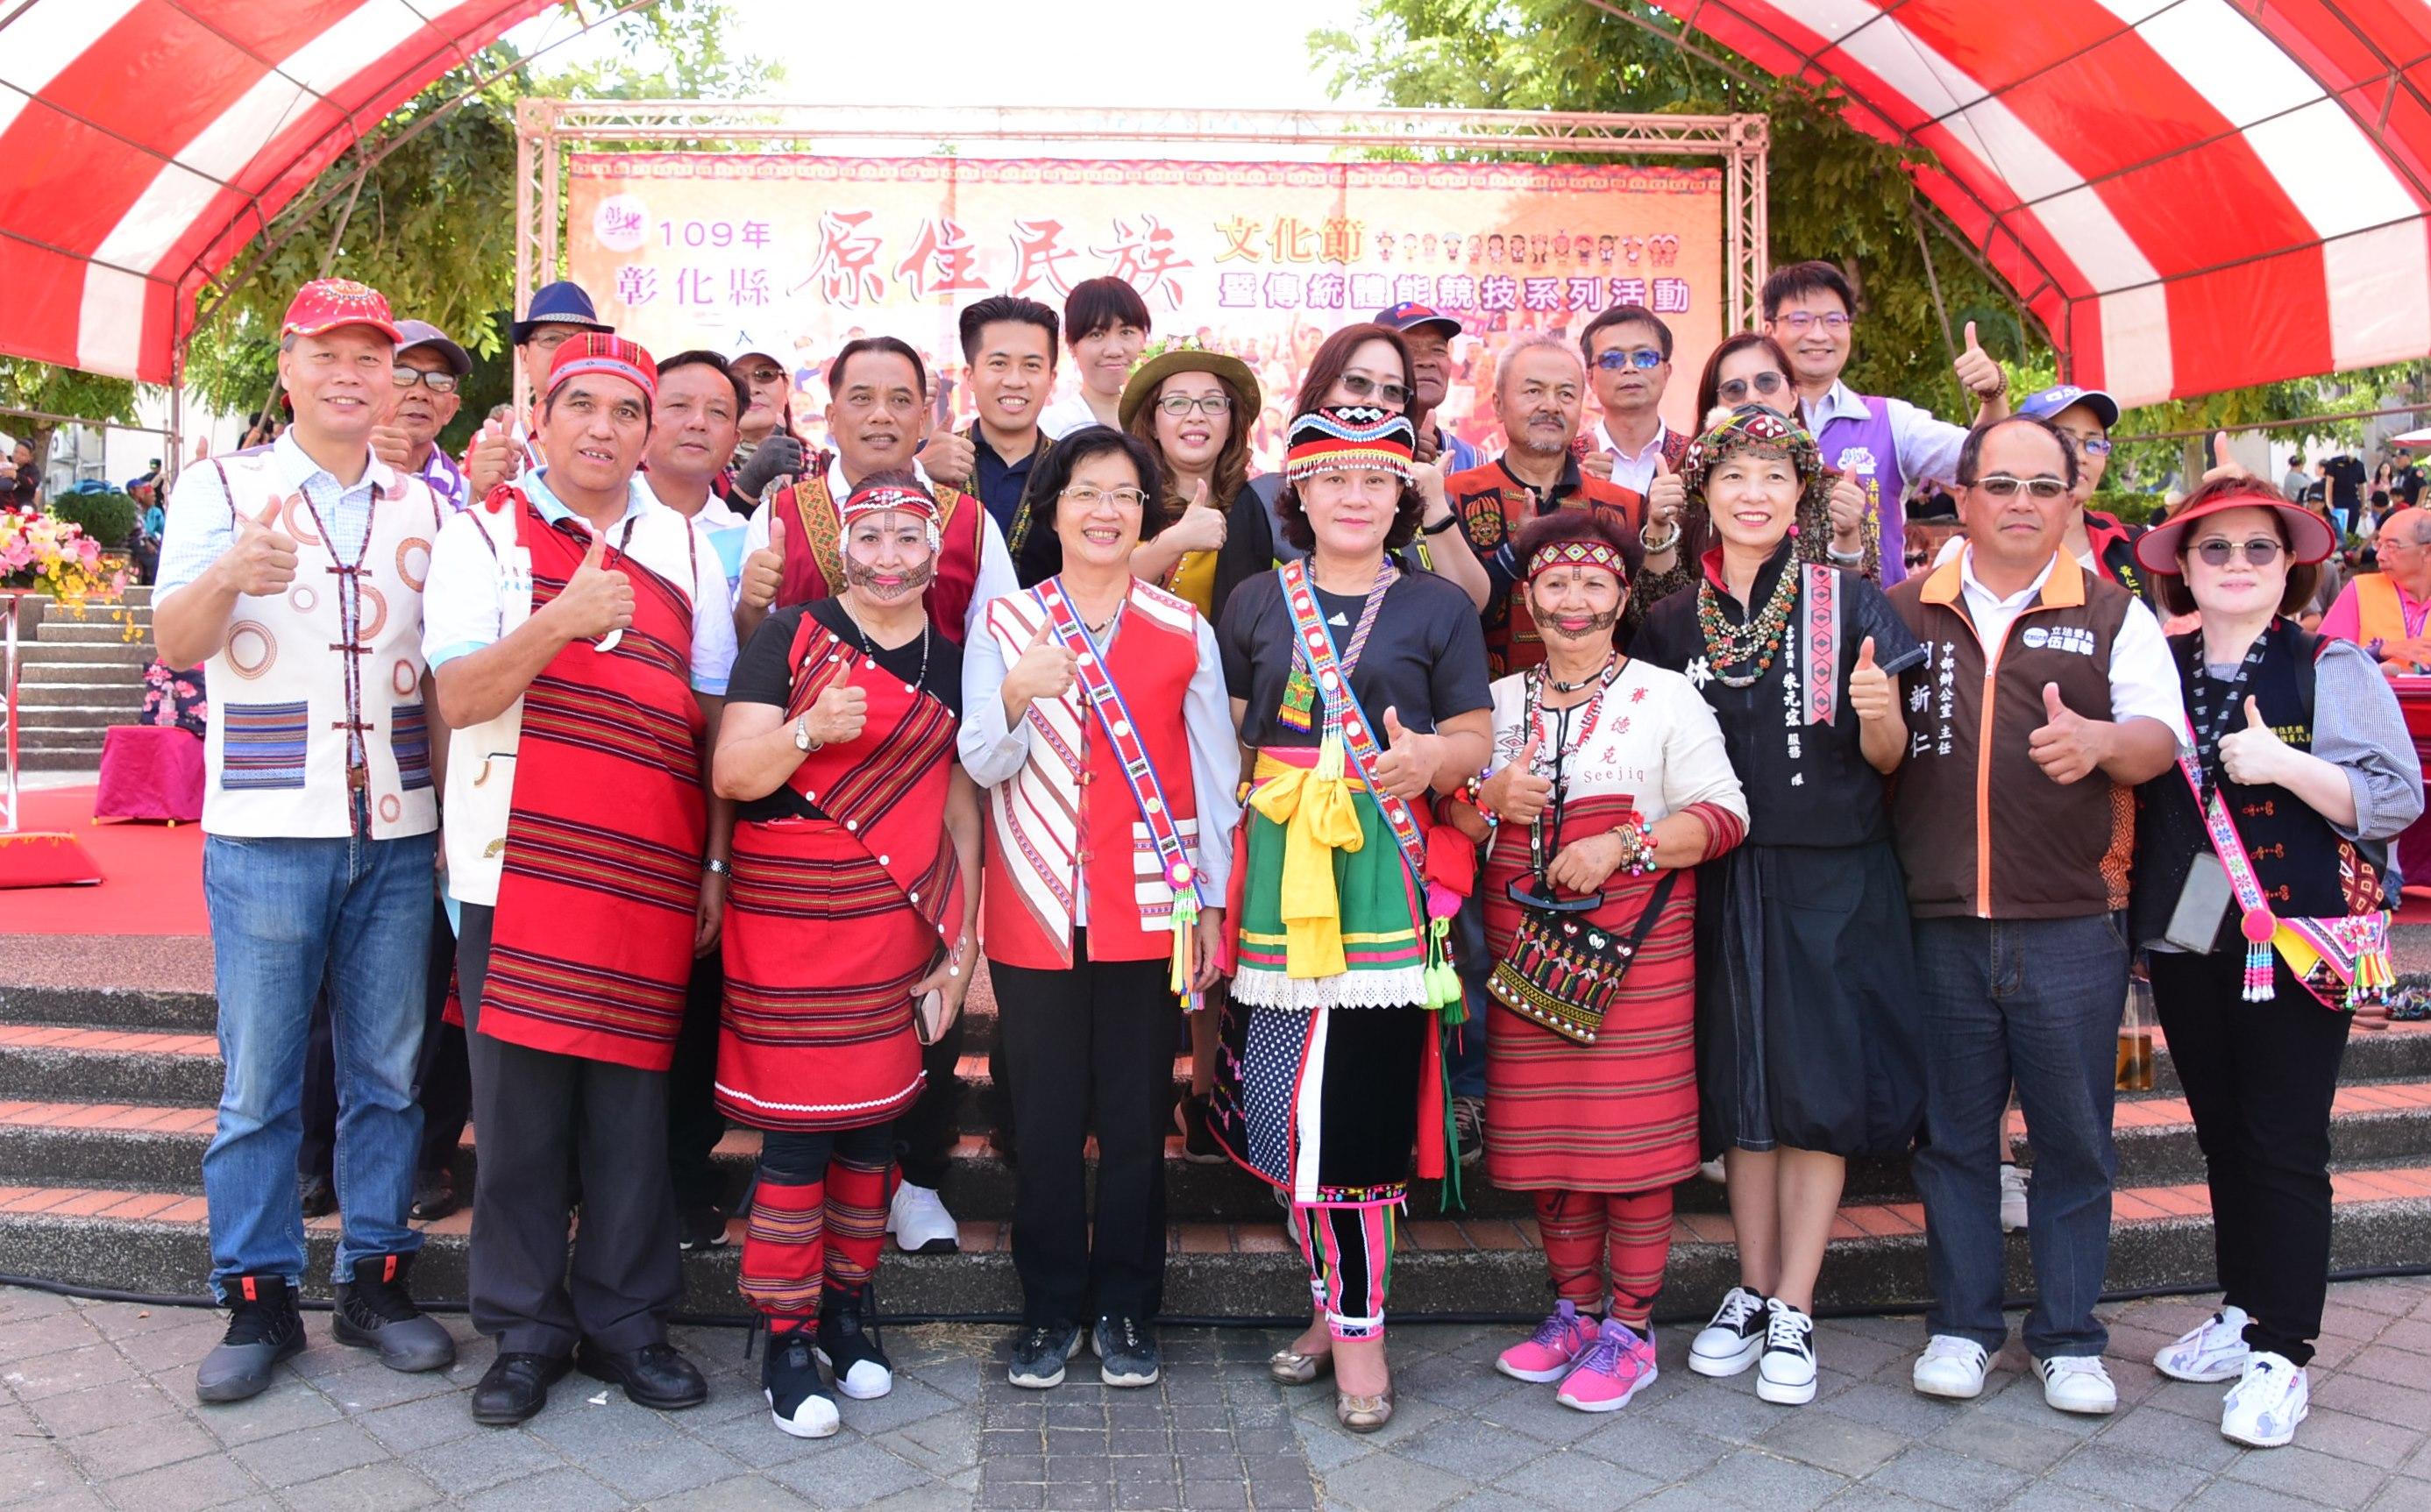 彰化縣原住民族文化節暨傳統體能競技系列活動熱情登場